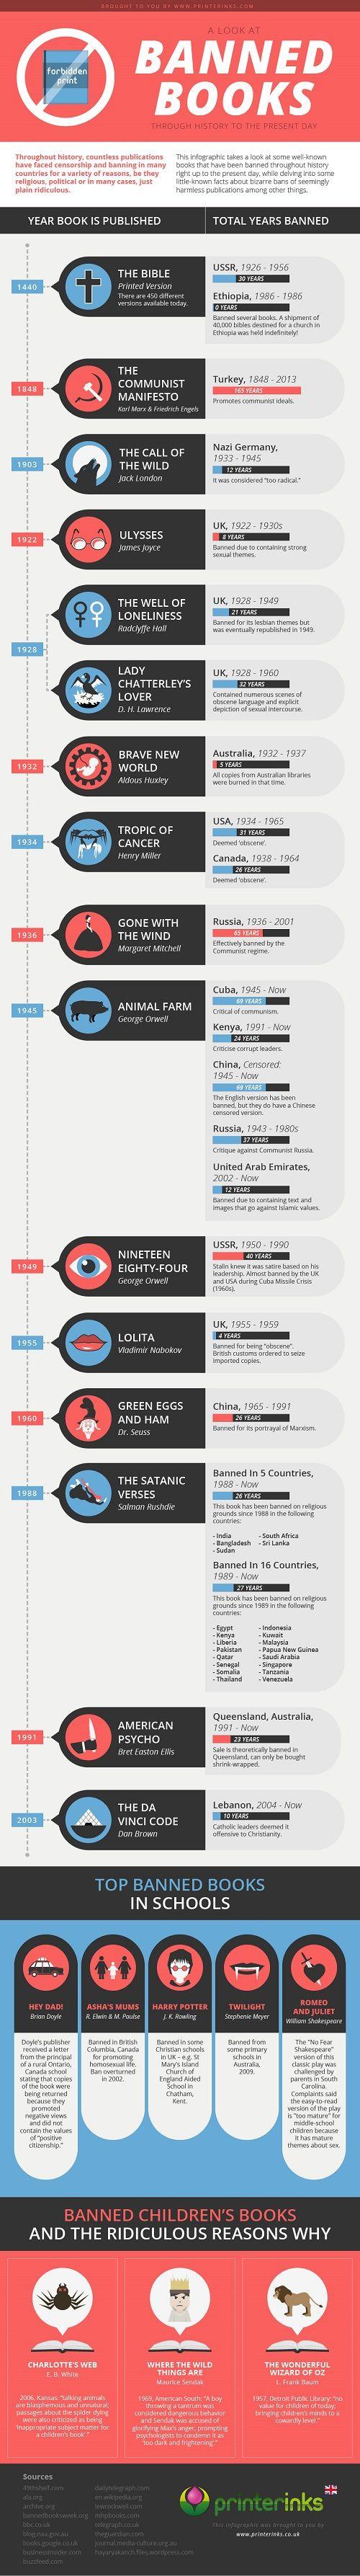 los libros que están y estuvieron prohibidos a través de esta infografía